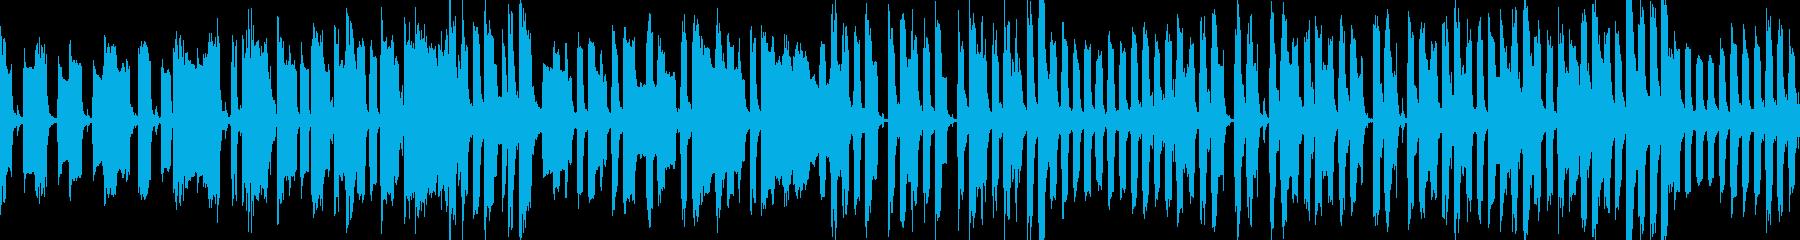 コミカルでどっしりとした曲の再生済みの波形